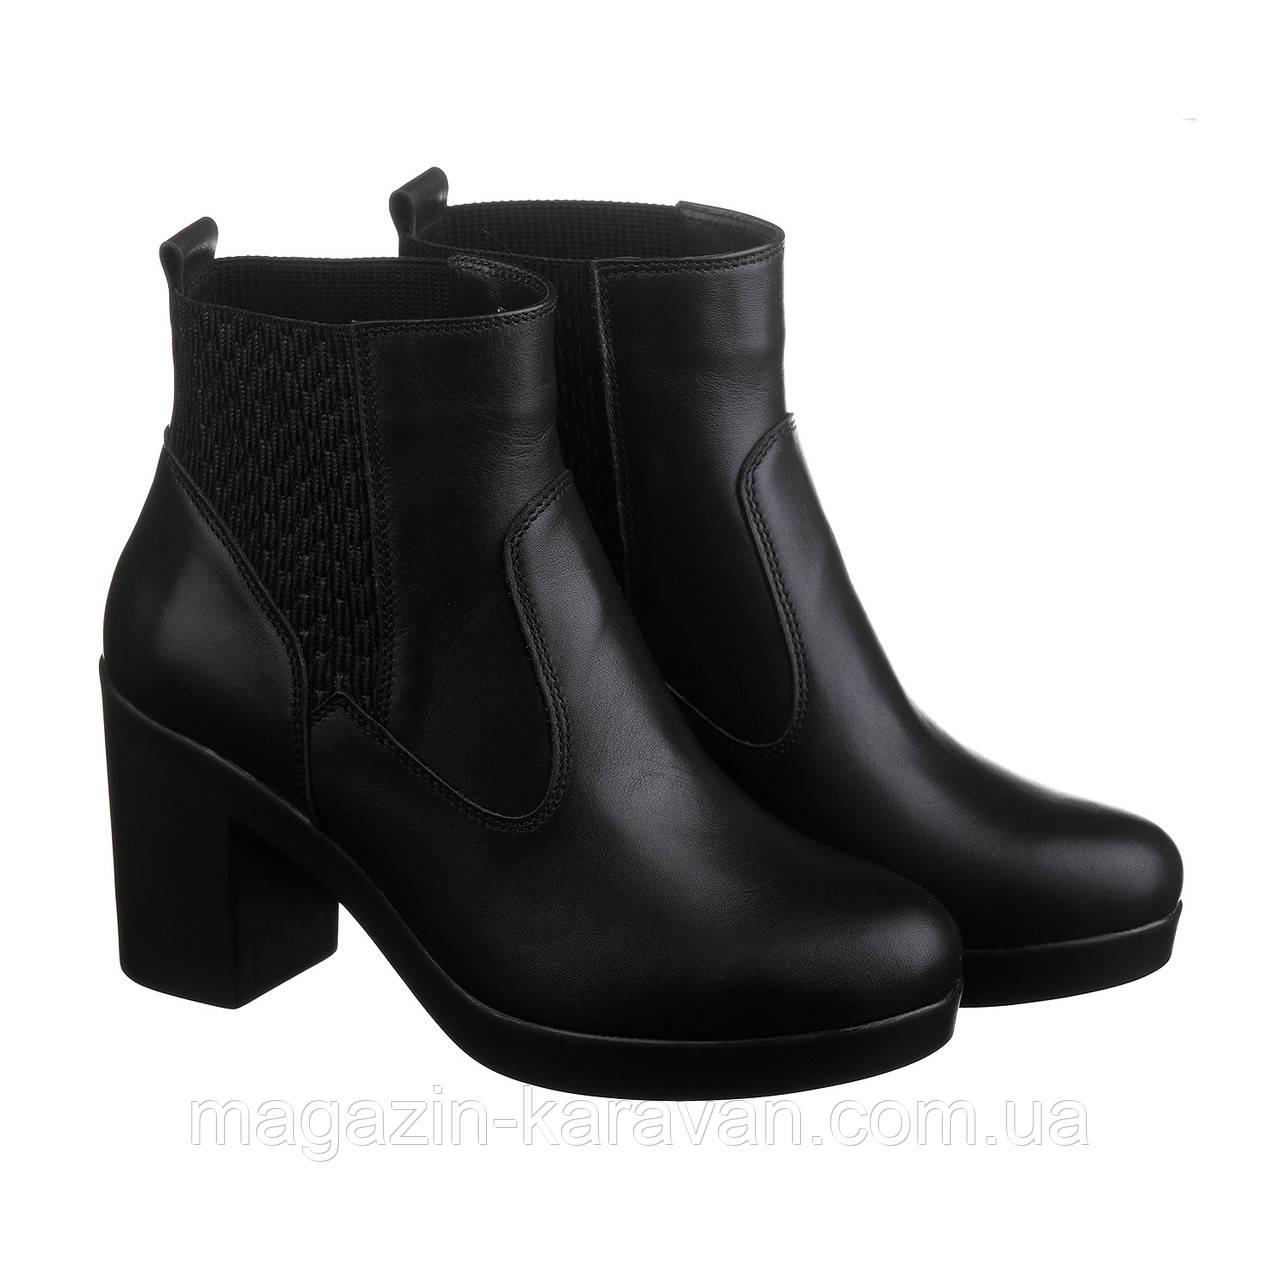 Женские стильные ботинки на резинке